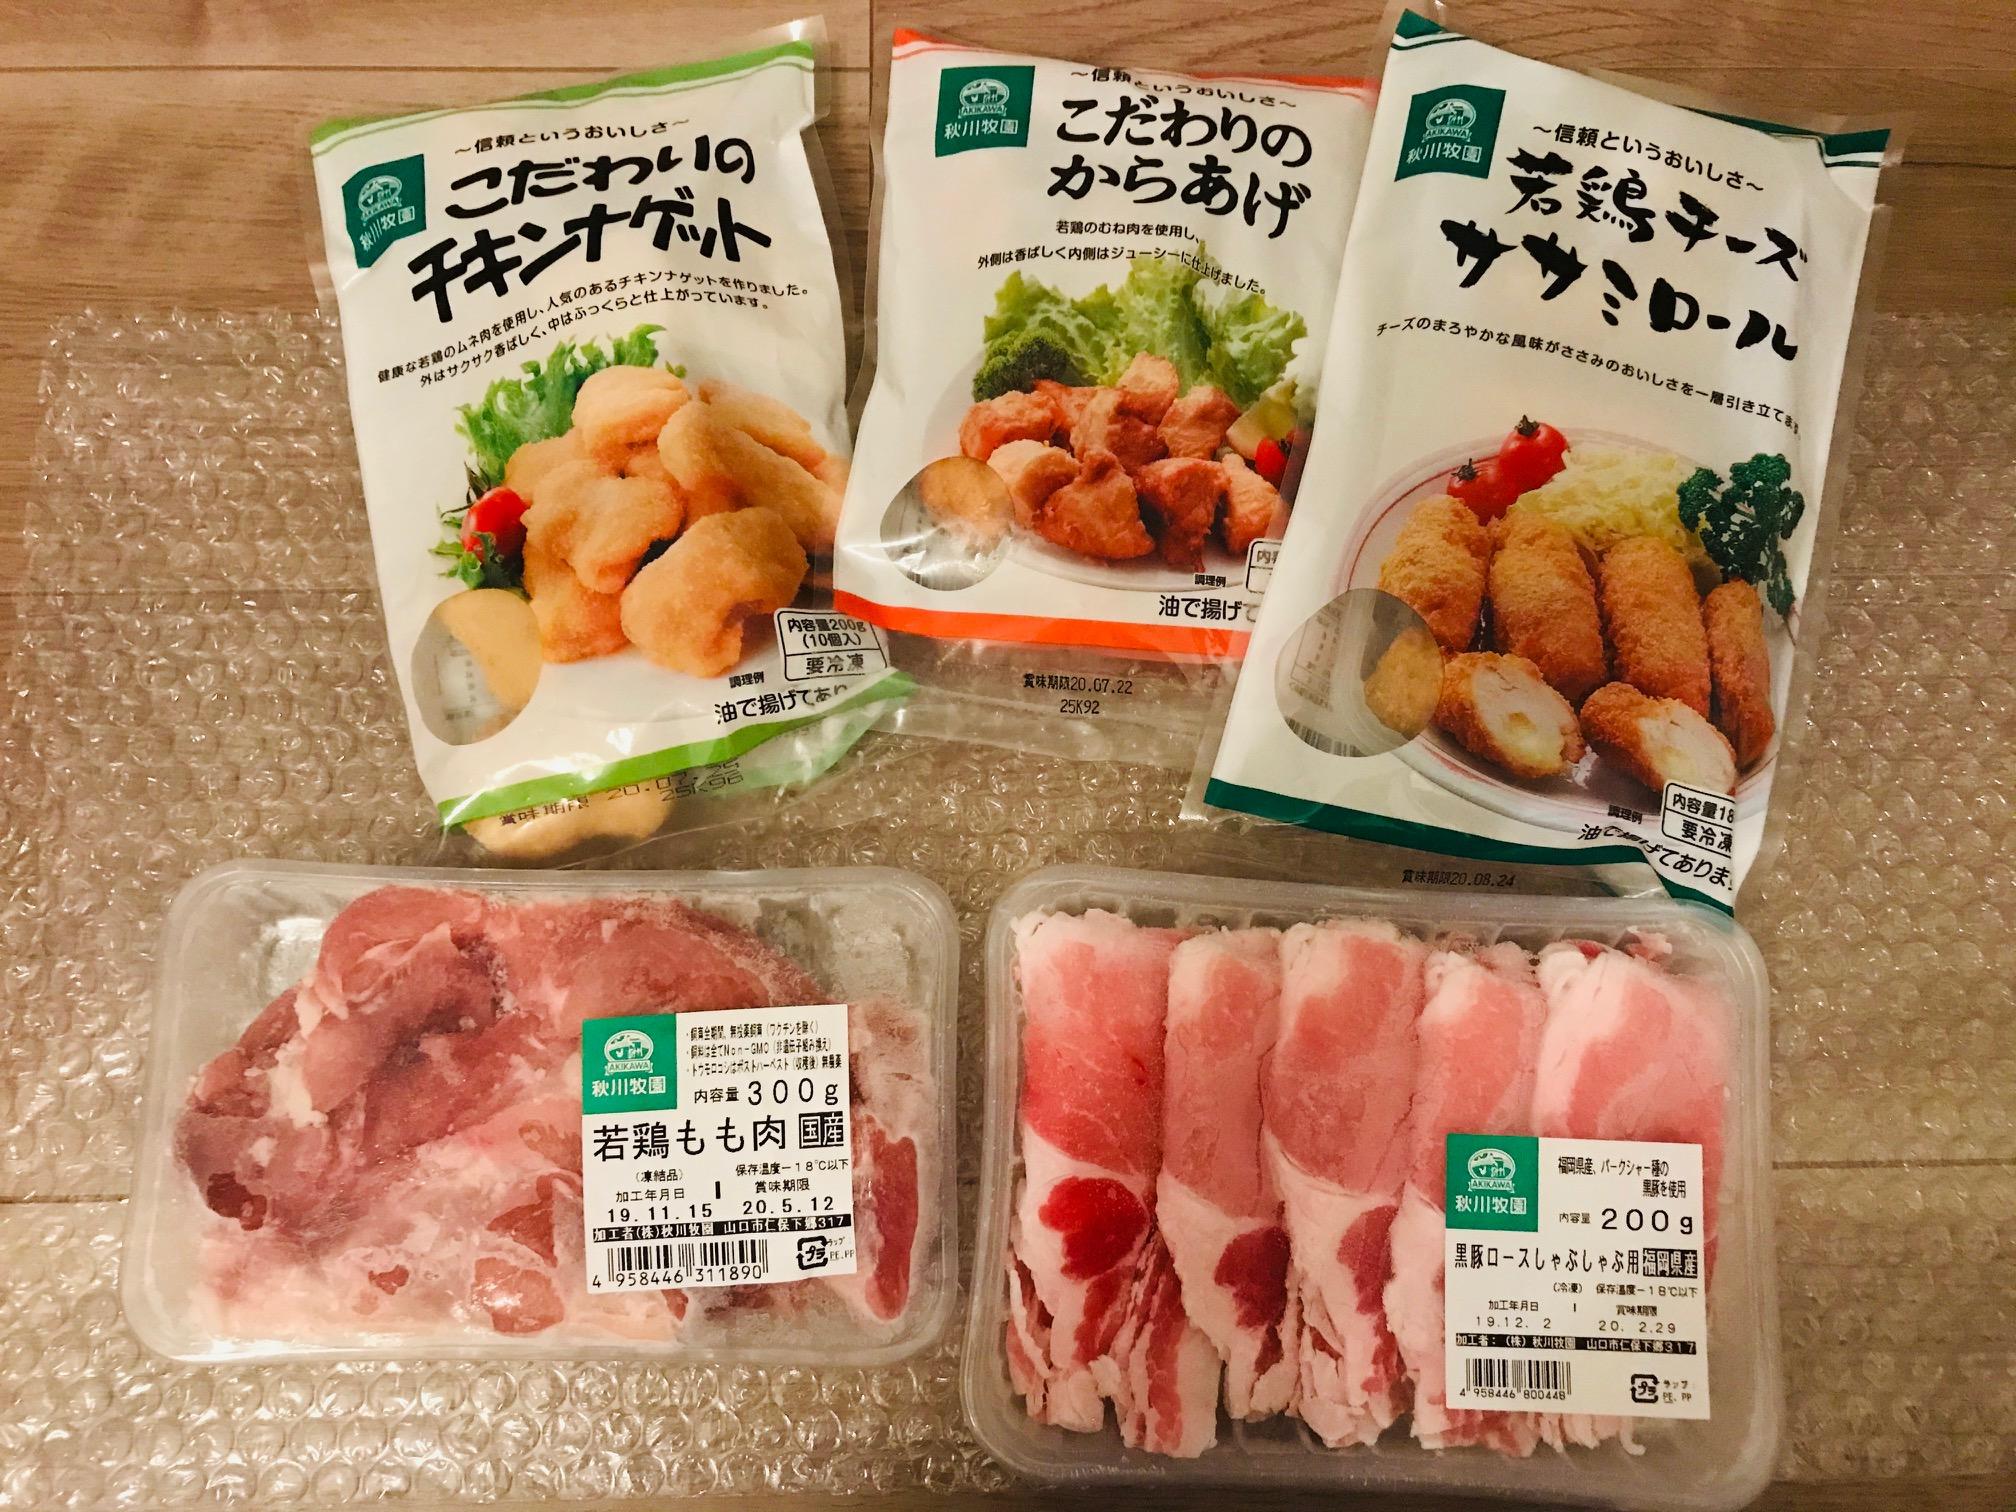 秋川牧園冷凍食品お試しセットの全食品